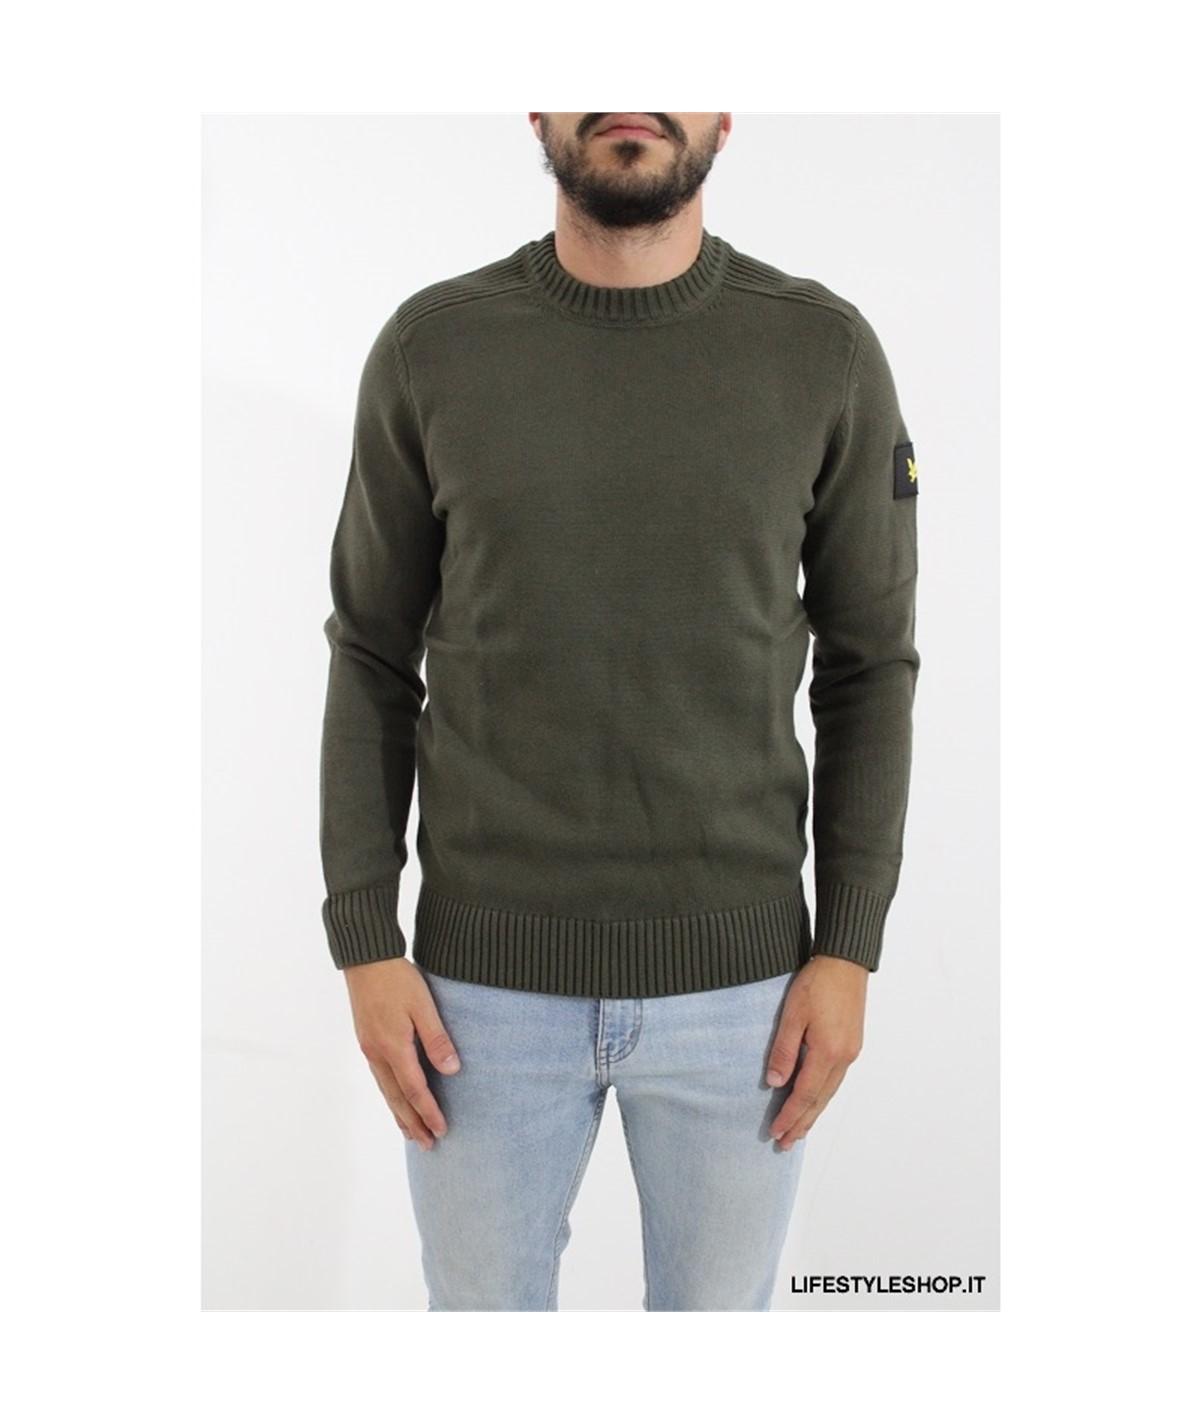 KN1326 maglia cotone lyle scott casuals